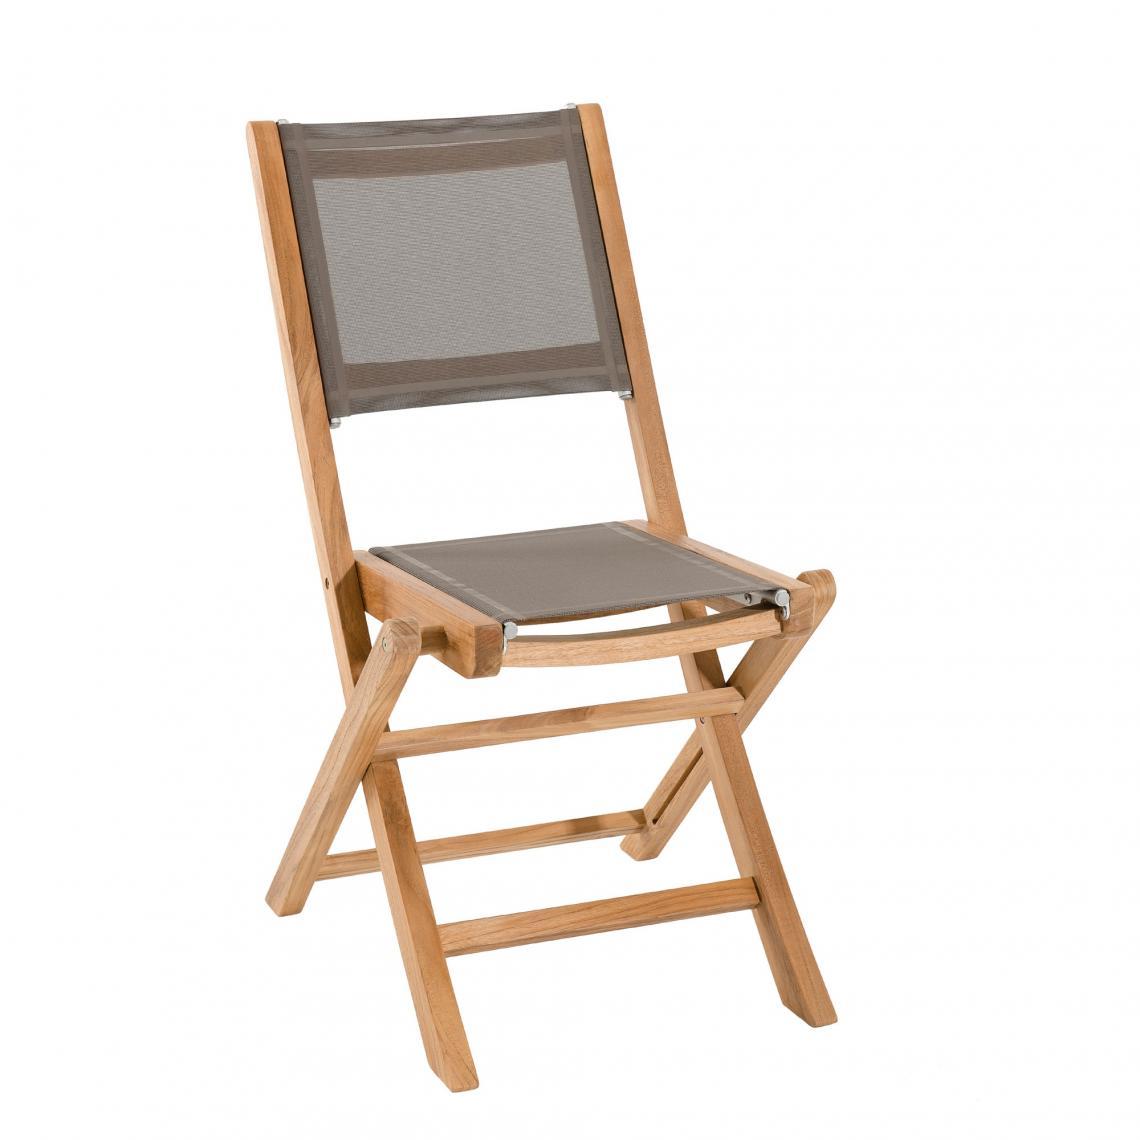 ensemble de 2 chaises de jardin pliantes en bois teck et textilene couleur taupe